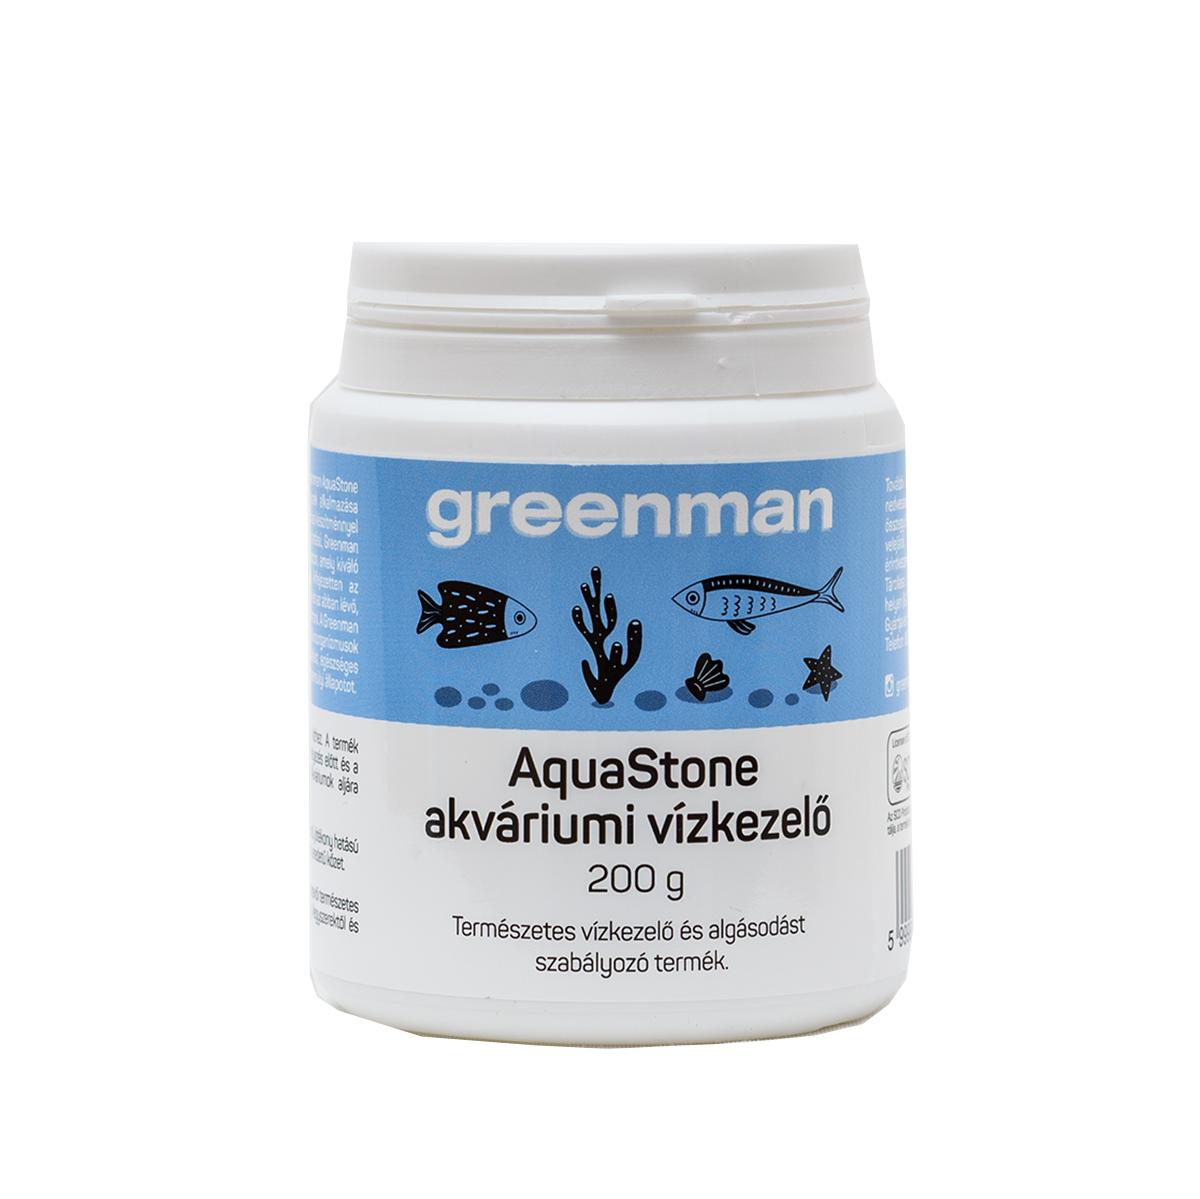 Akváriumkezelő termék